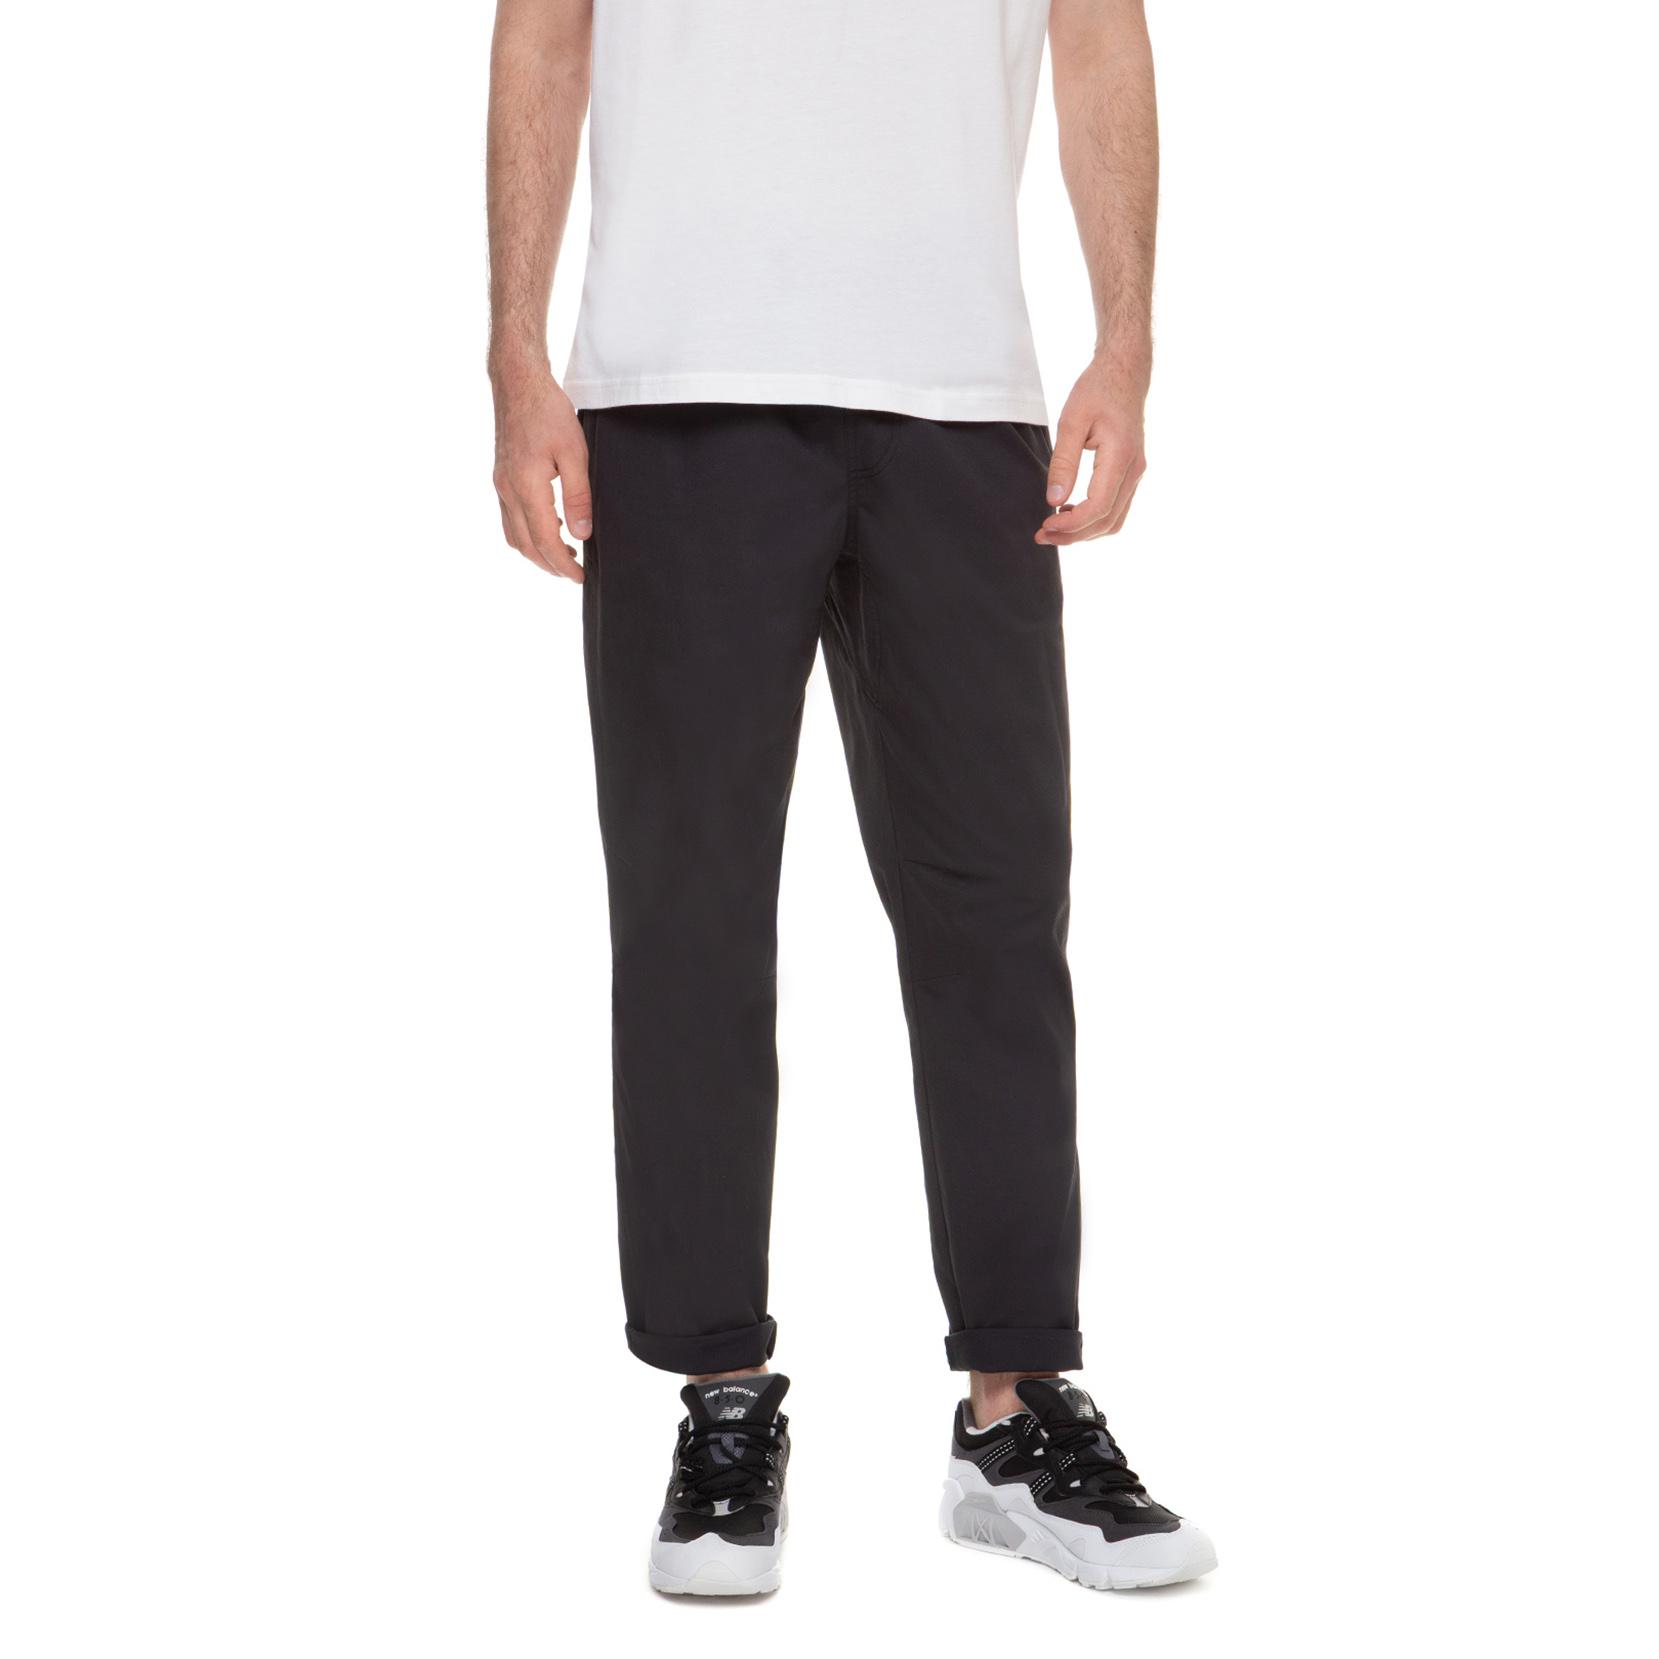 Спортивні брюки NB Athletics Trail Woven  для чоловіків MP01504BK   New Balance